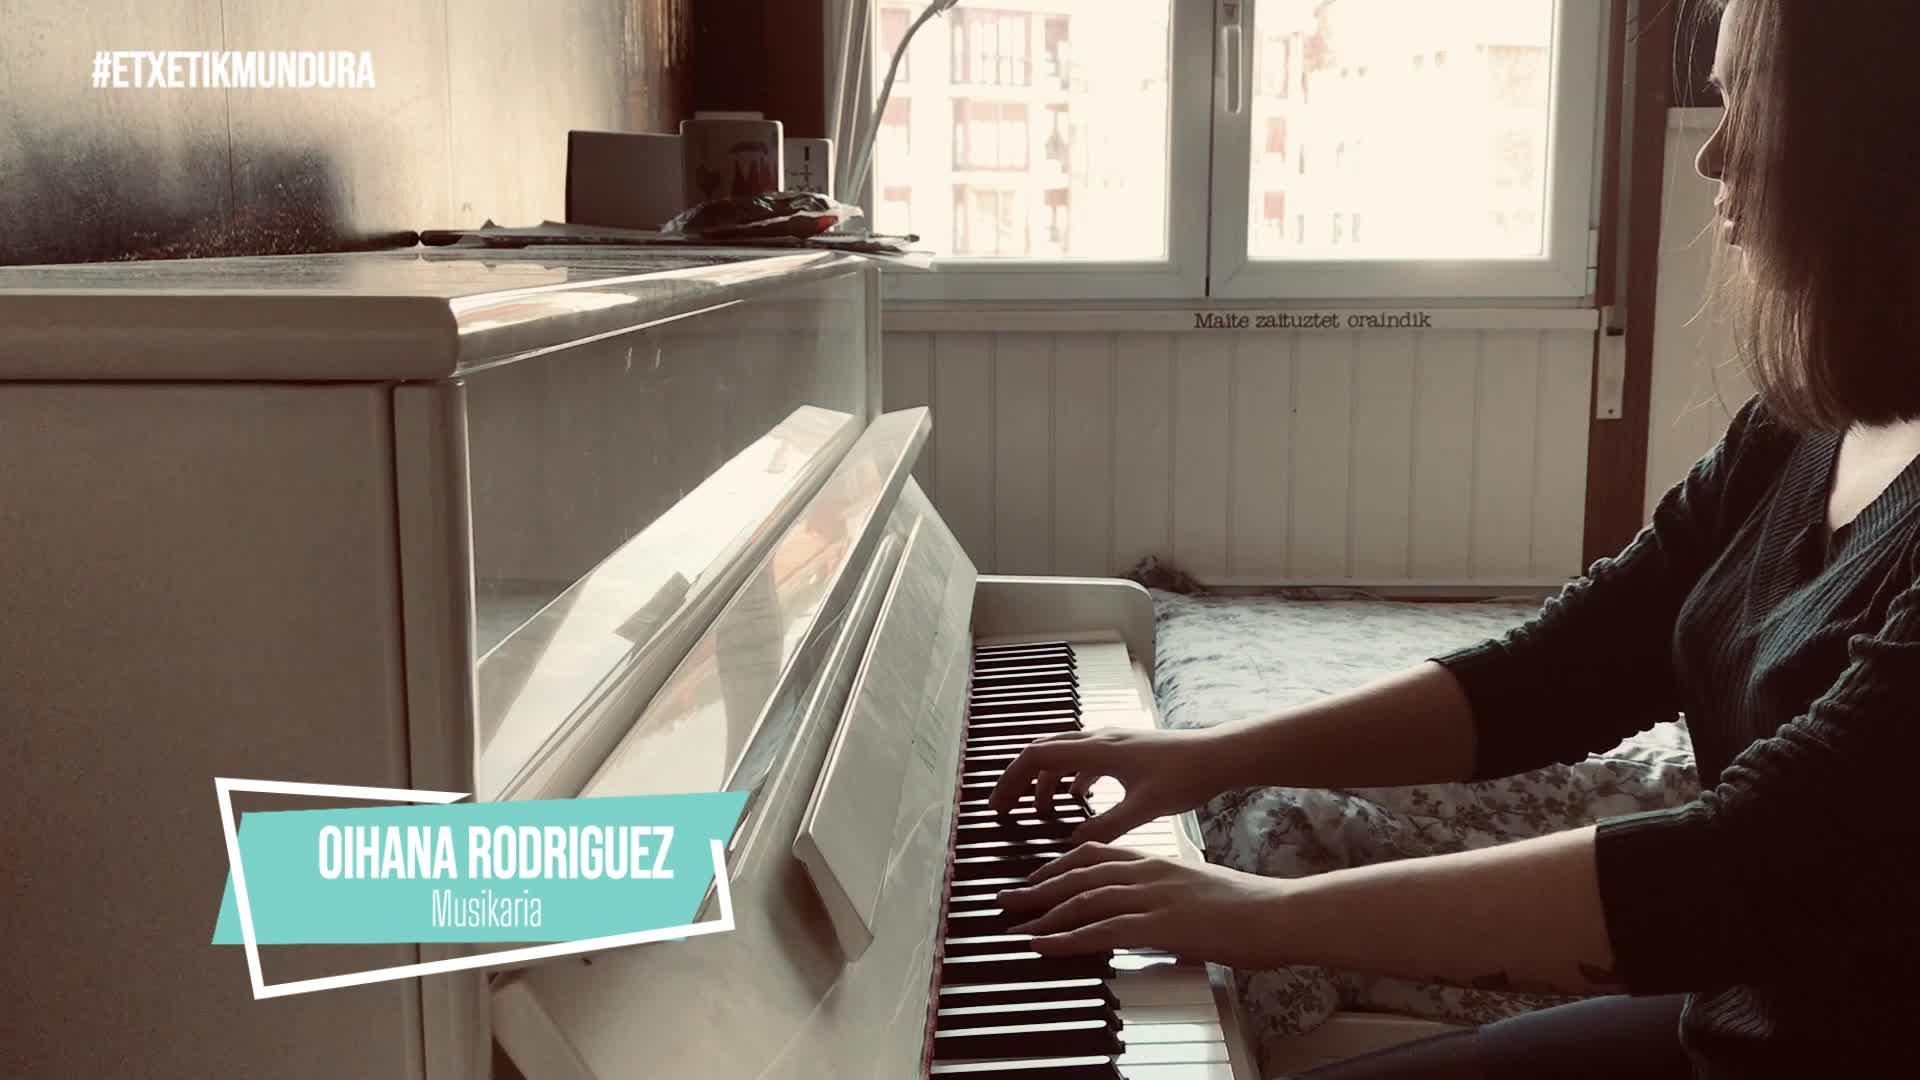 Oihana Rodriguez musika, etxetik mundura